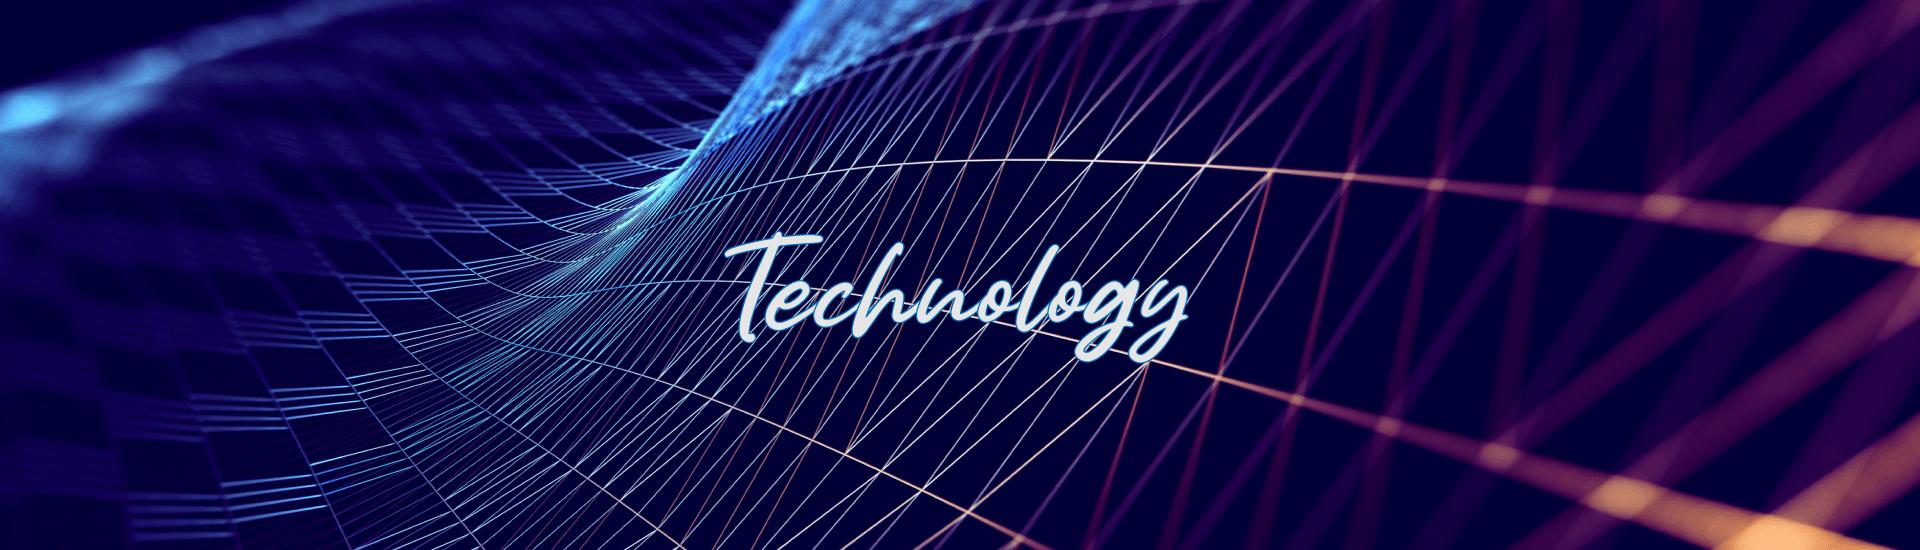 Technology Header